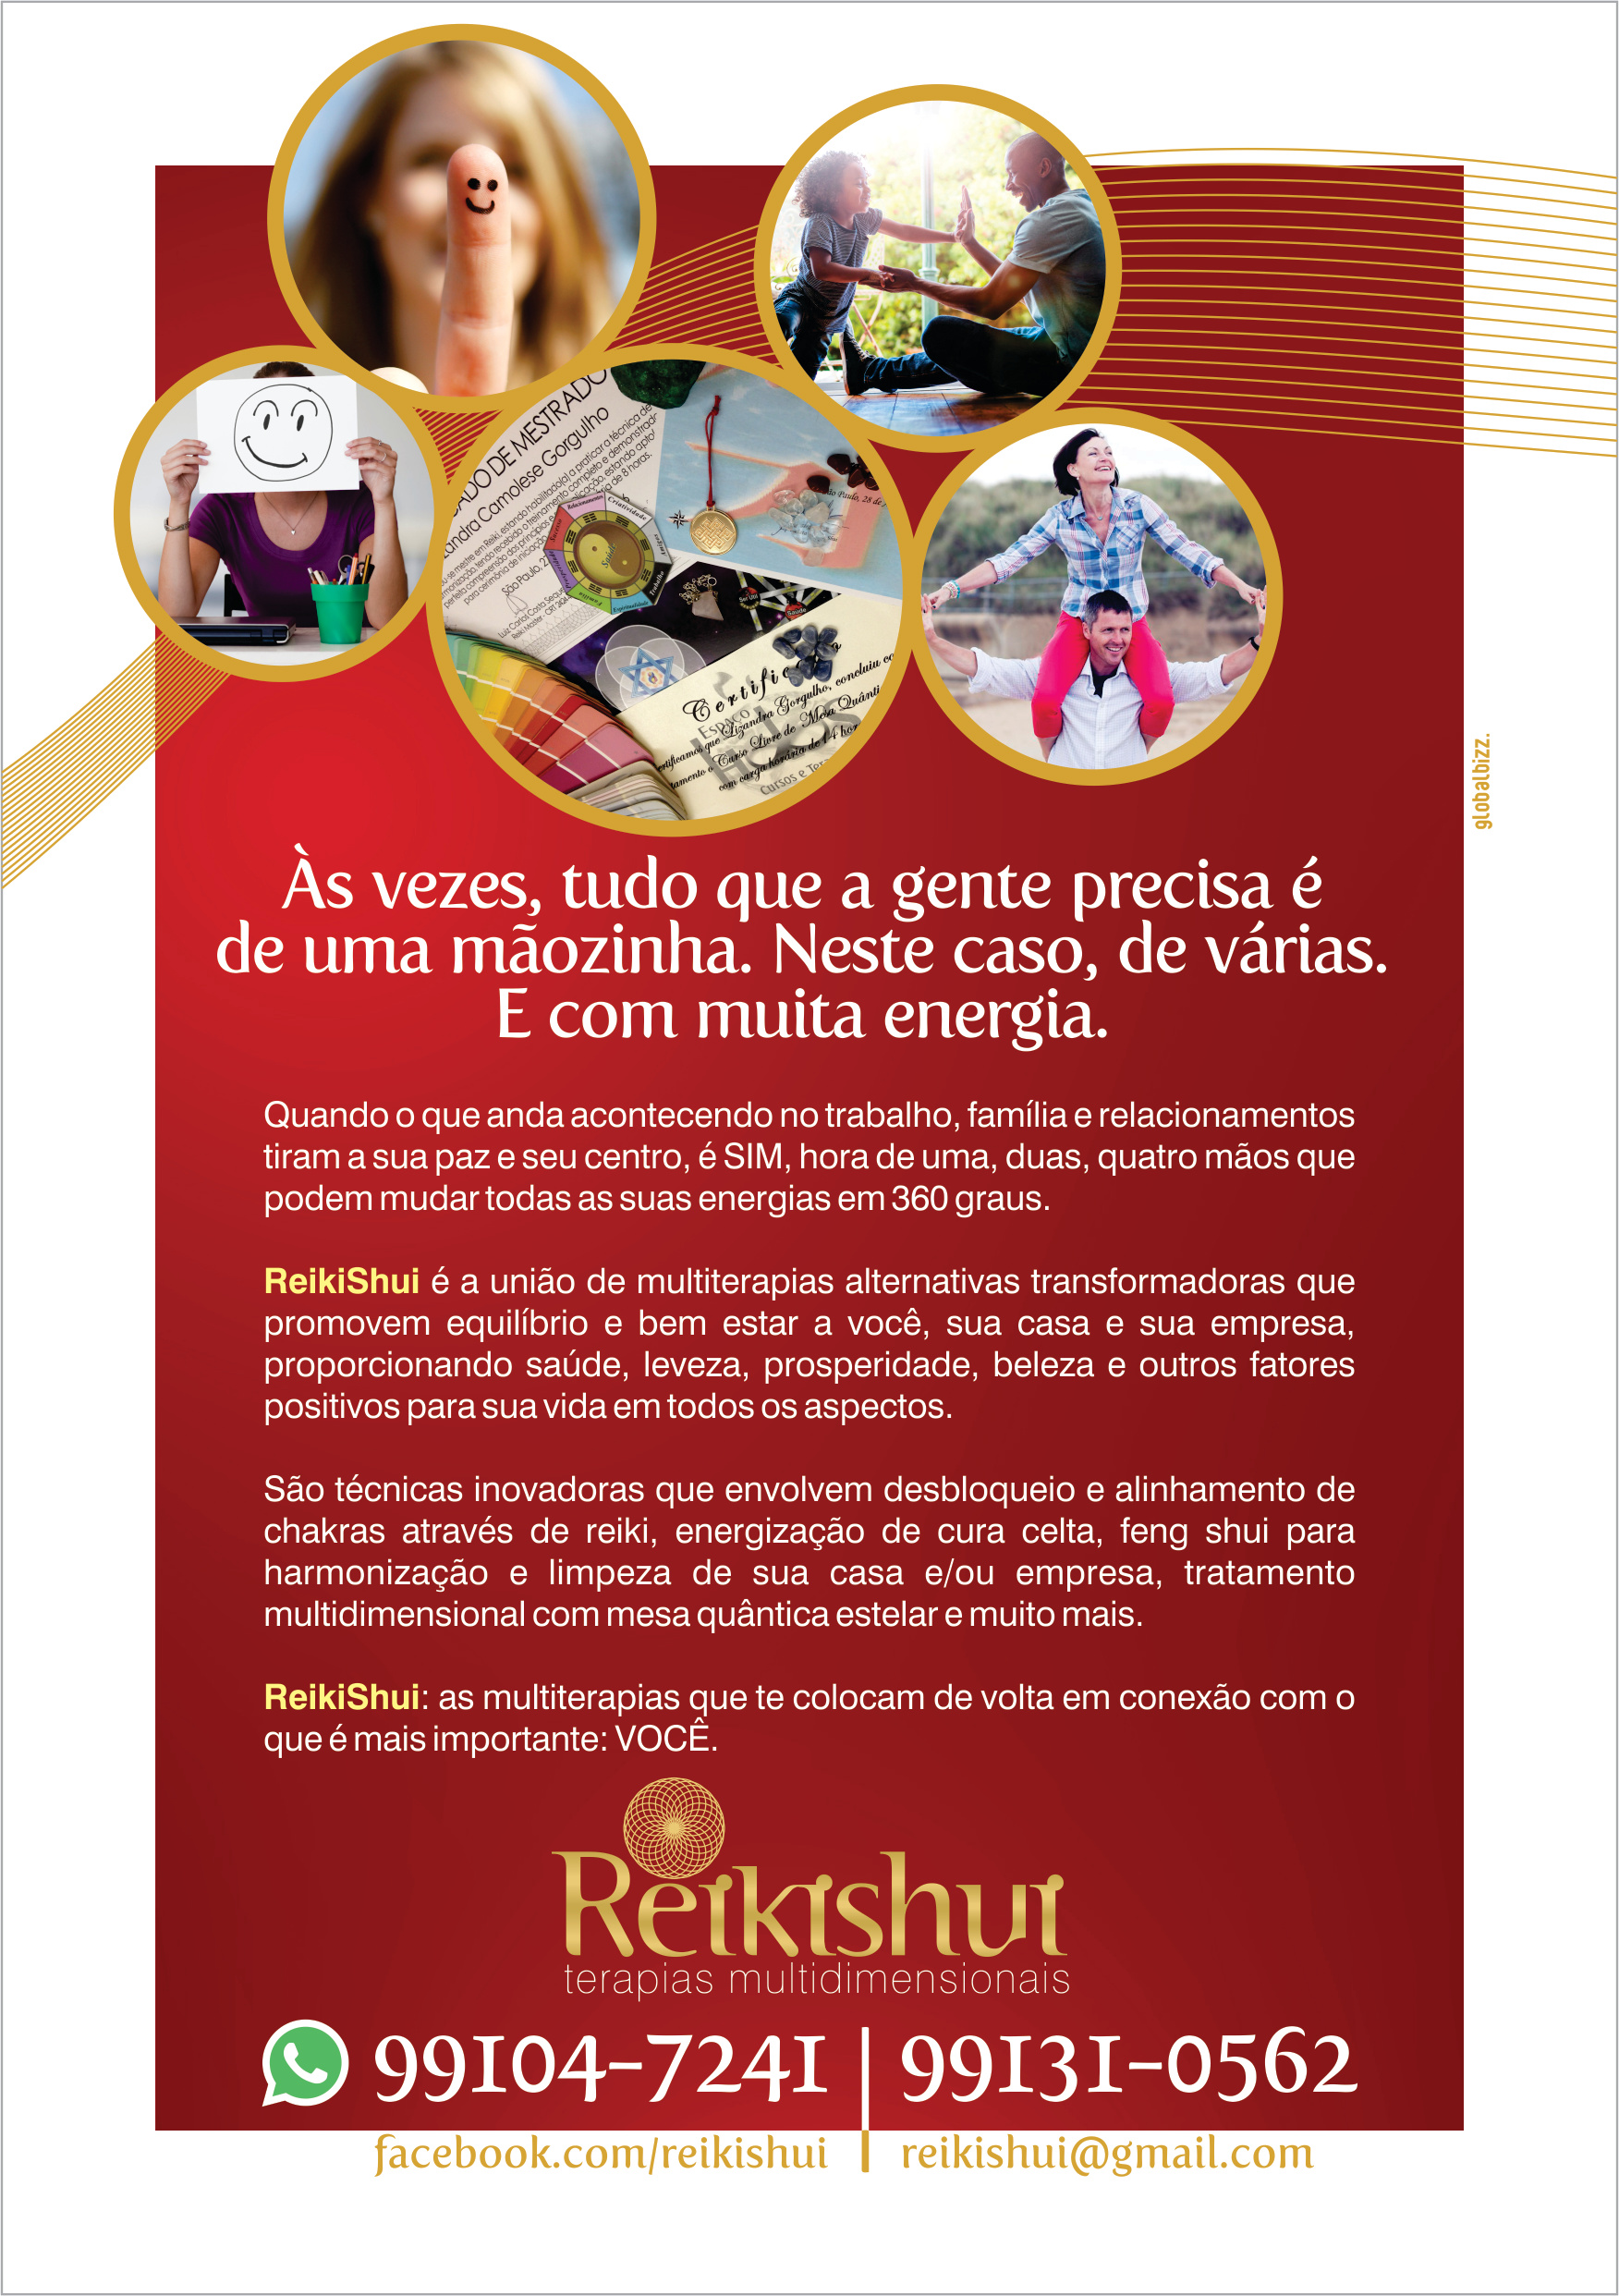 +E-mail marketing - Reikishui